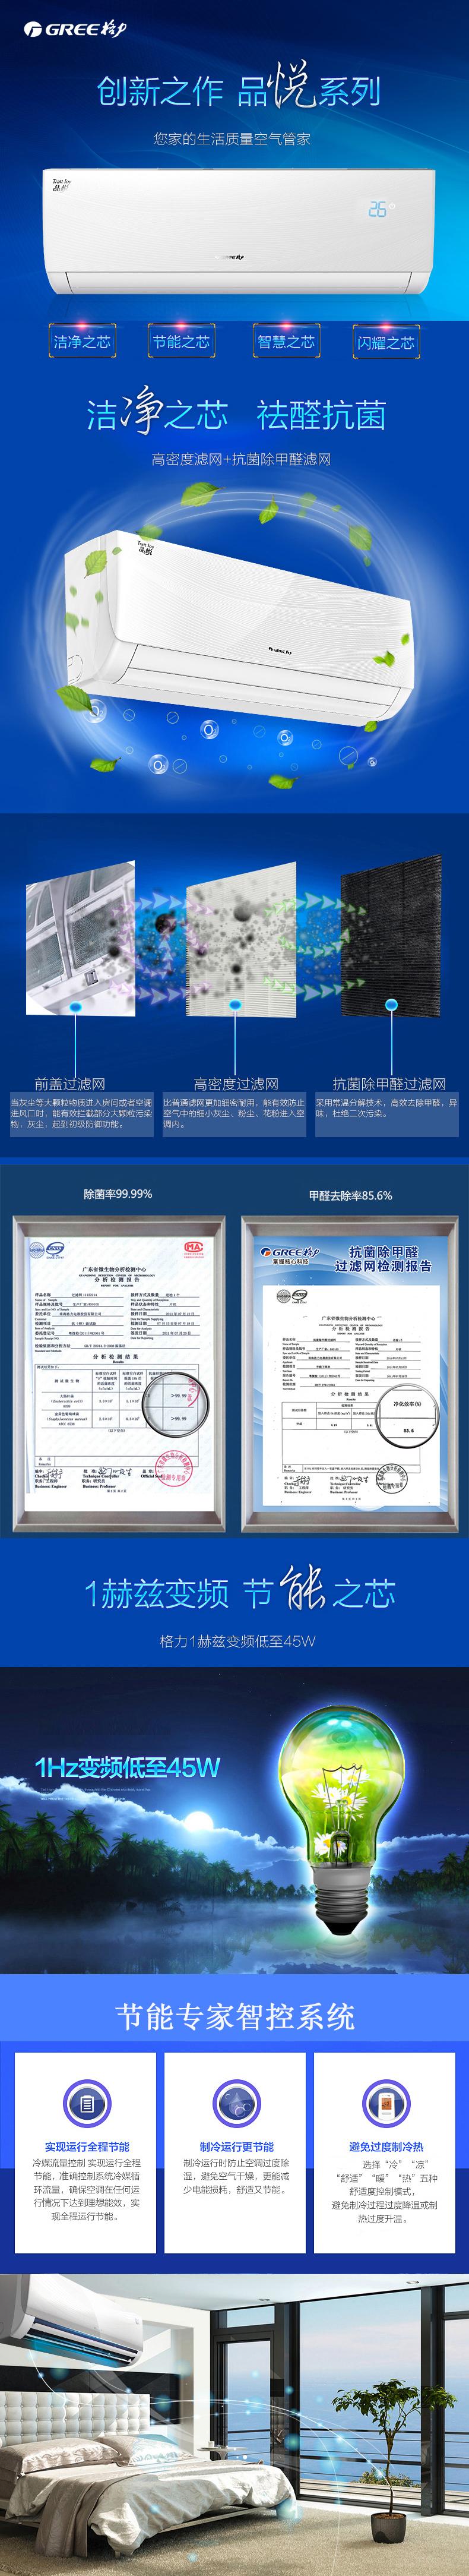 格力品悦空调内机电路板接线图.